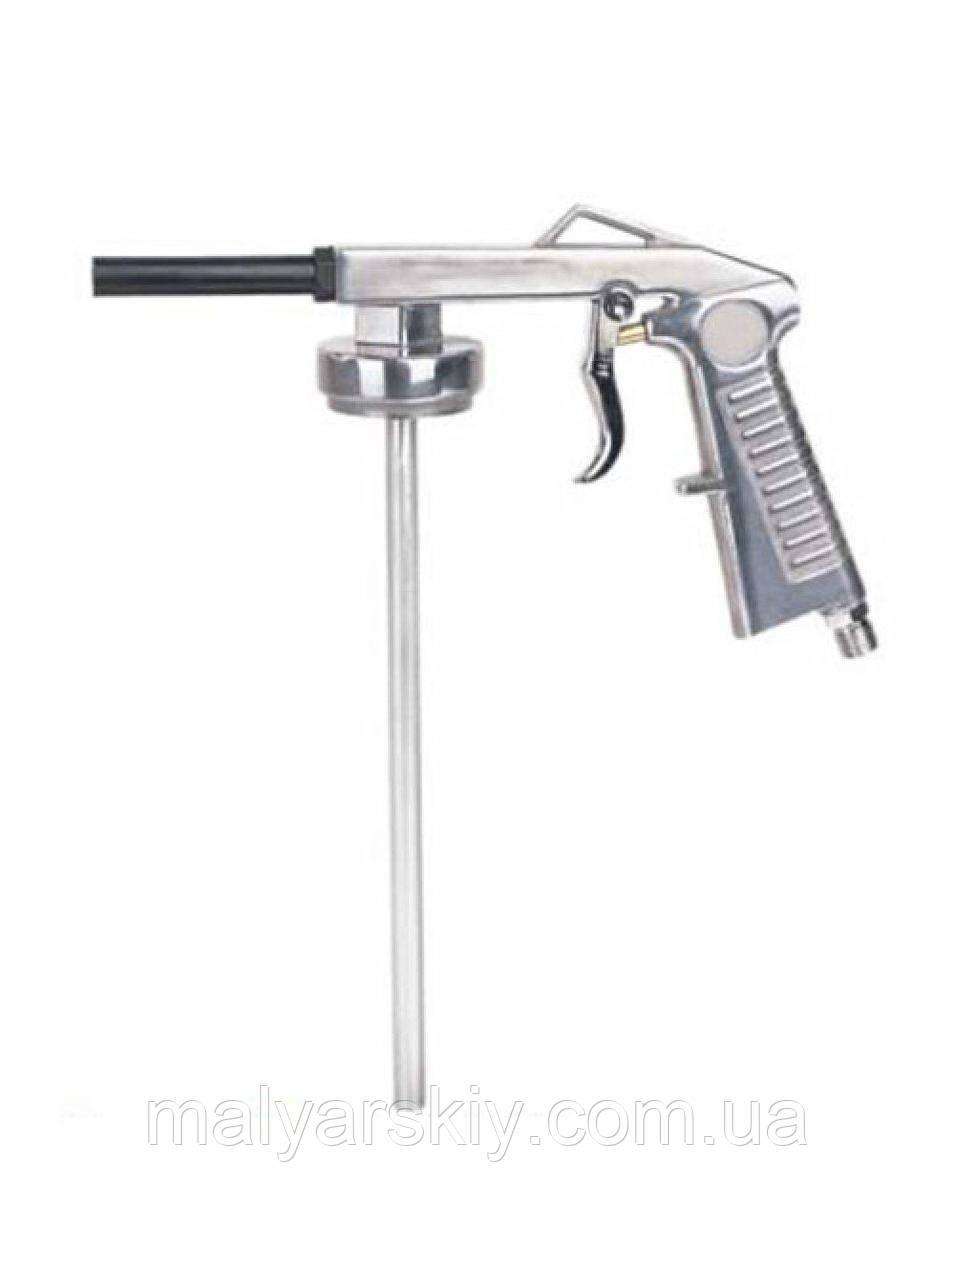 PS-8 Пневмопістолет для  антигравійних покриттів   AUARITA